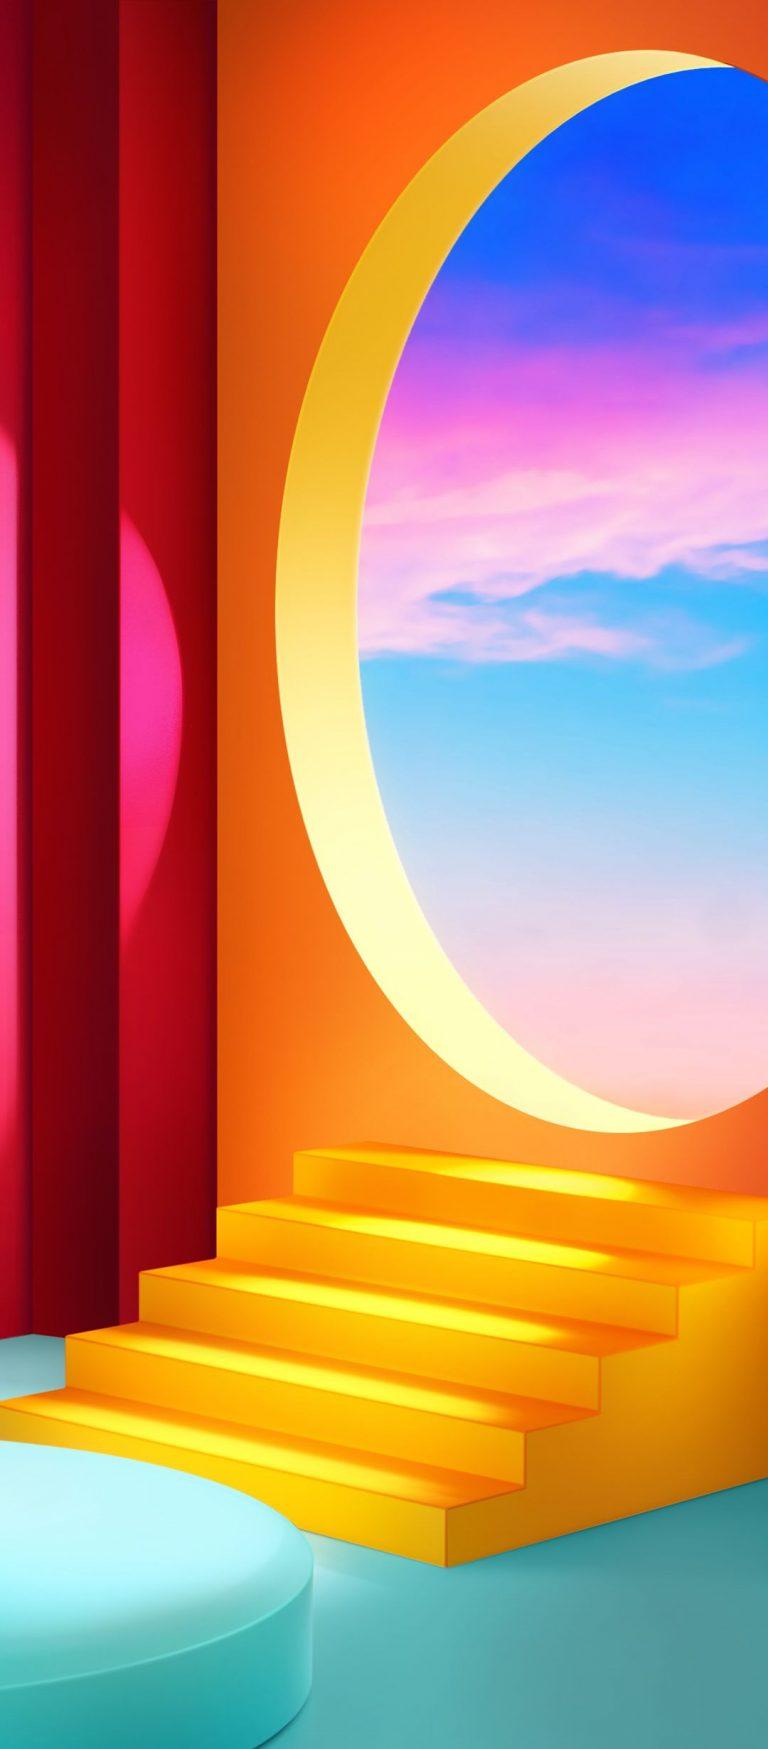 LG Velvet Stock Wallpaper [1080x2460] - 01